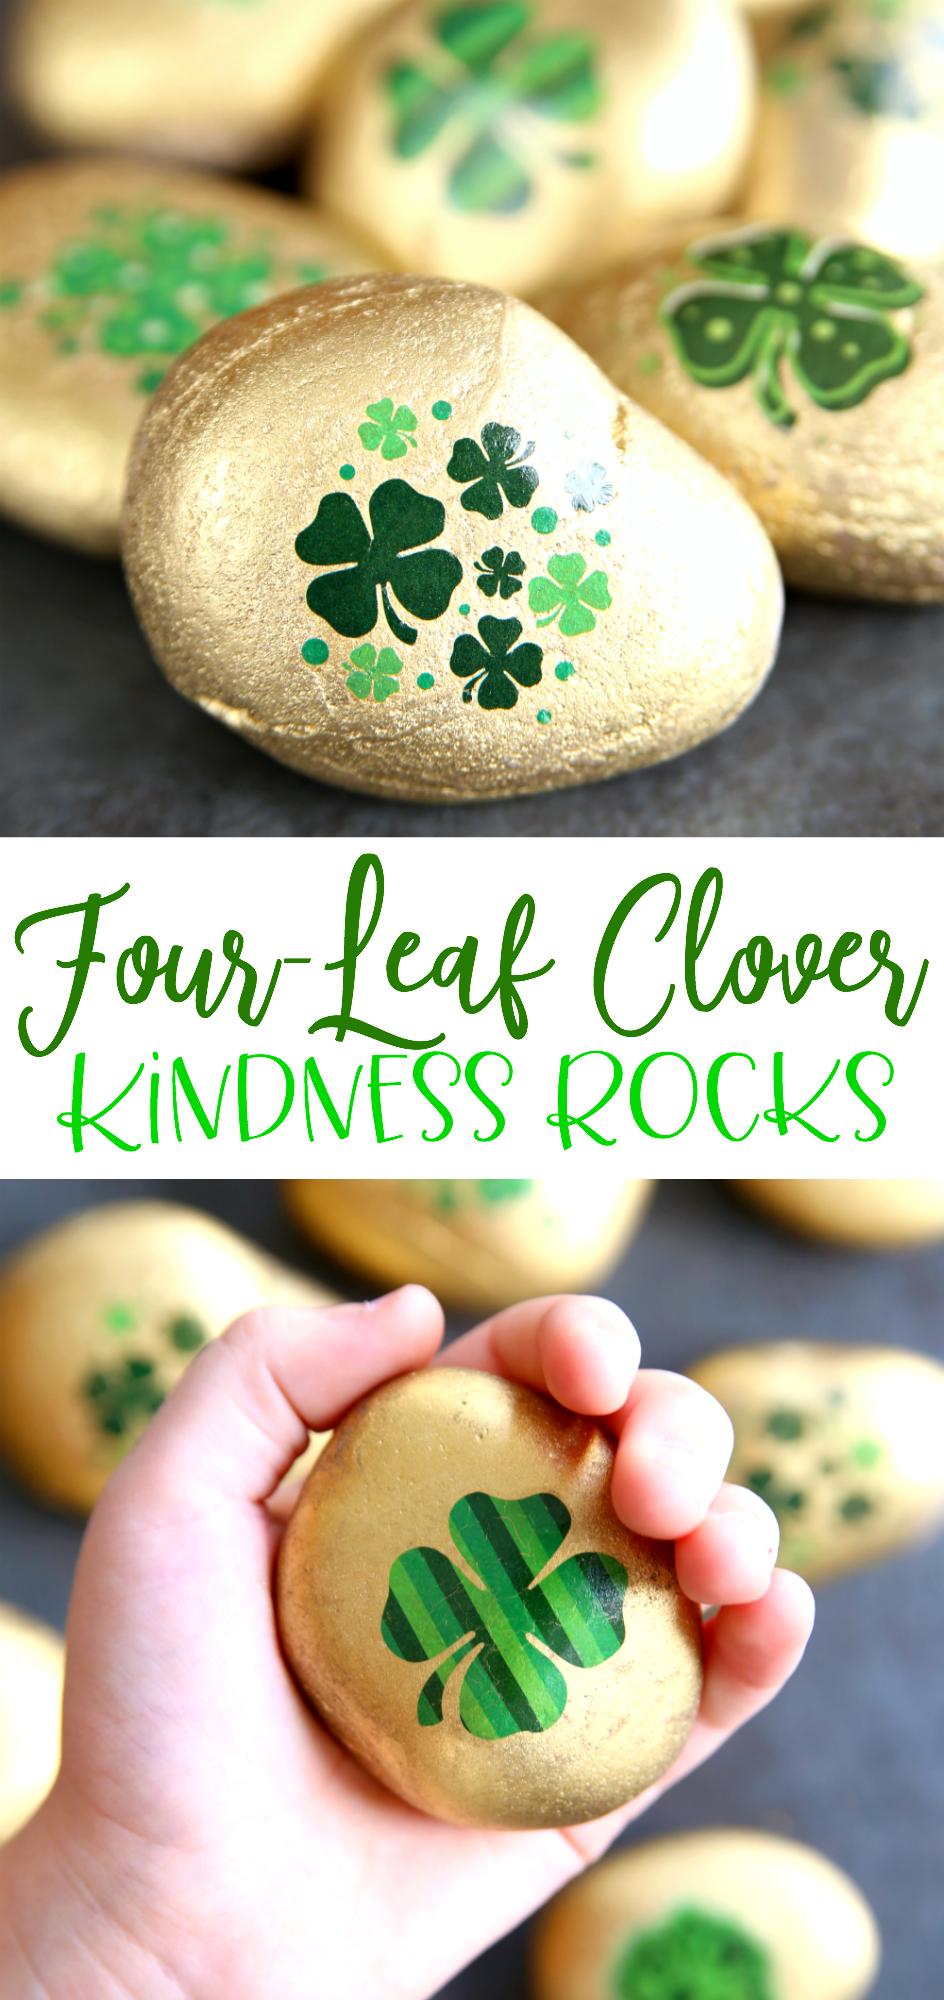 St. Patrick's Day Kindness Rocks